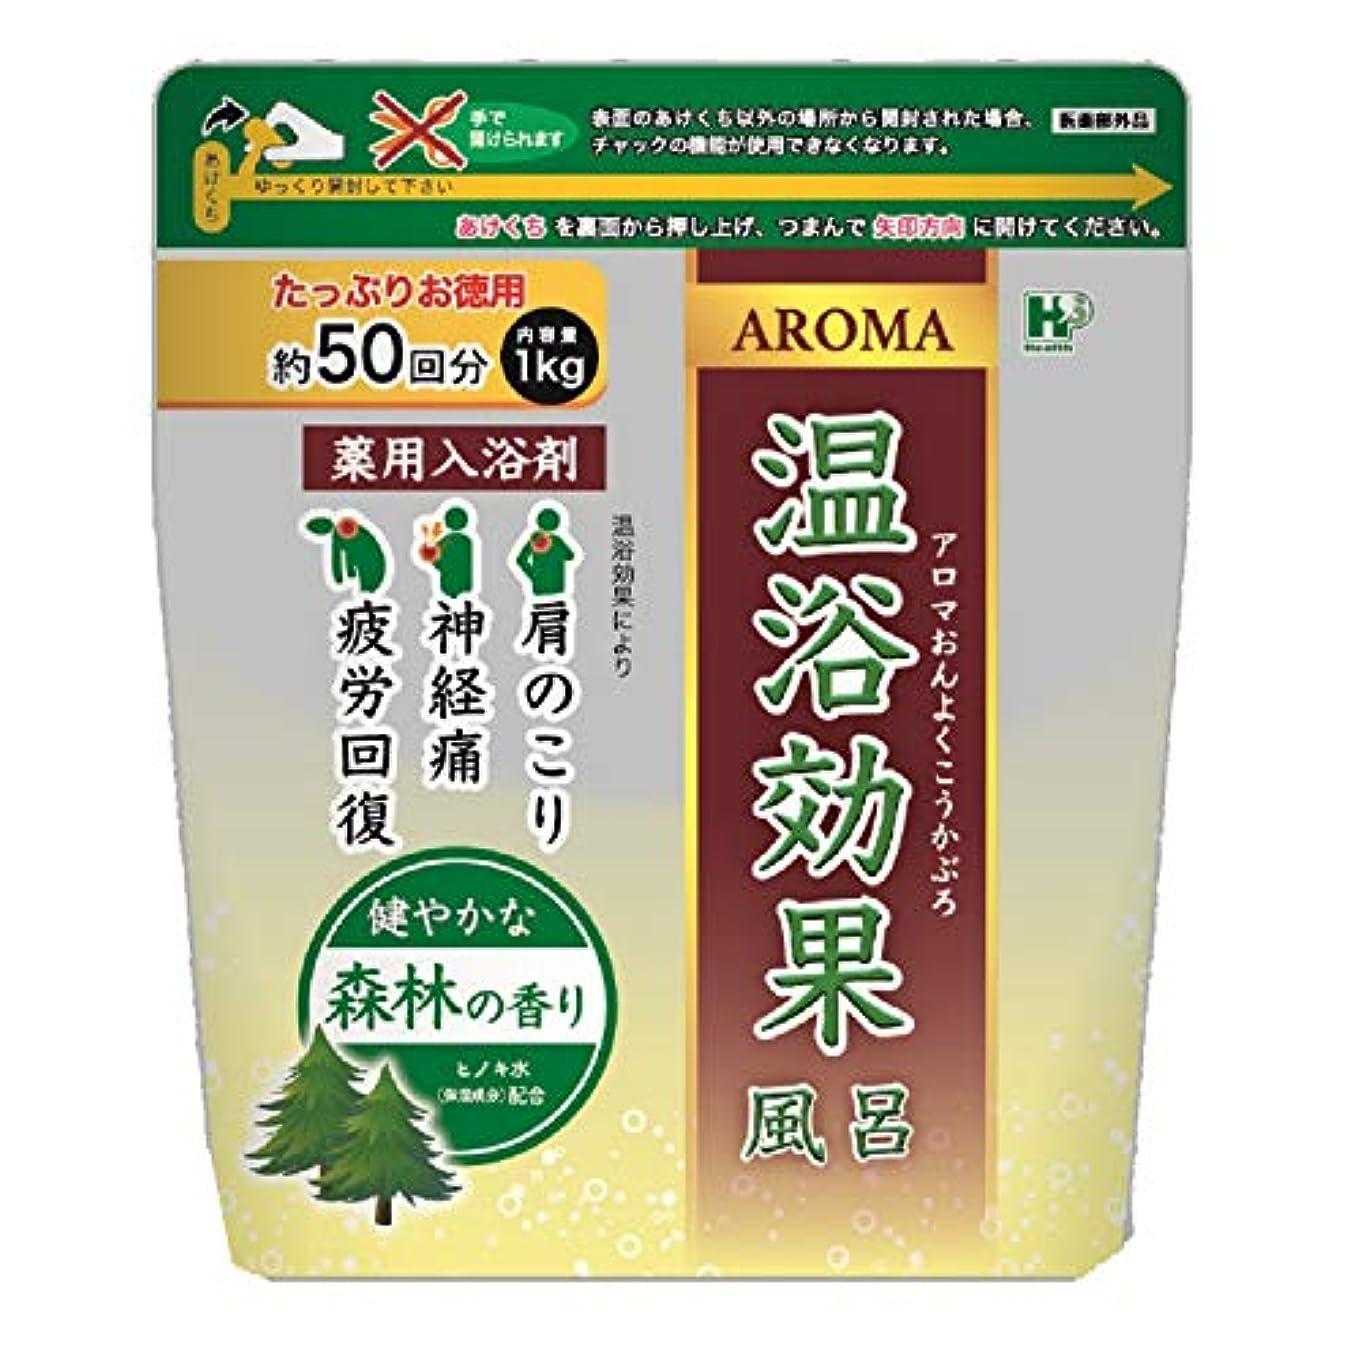 アロマ温浴効果風呂 森林 1kg